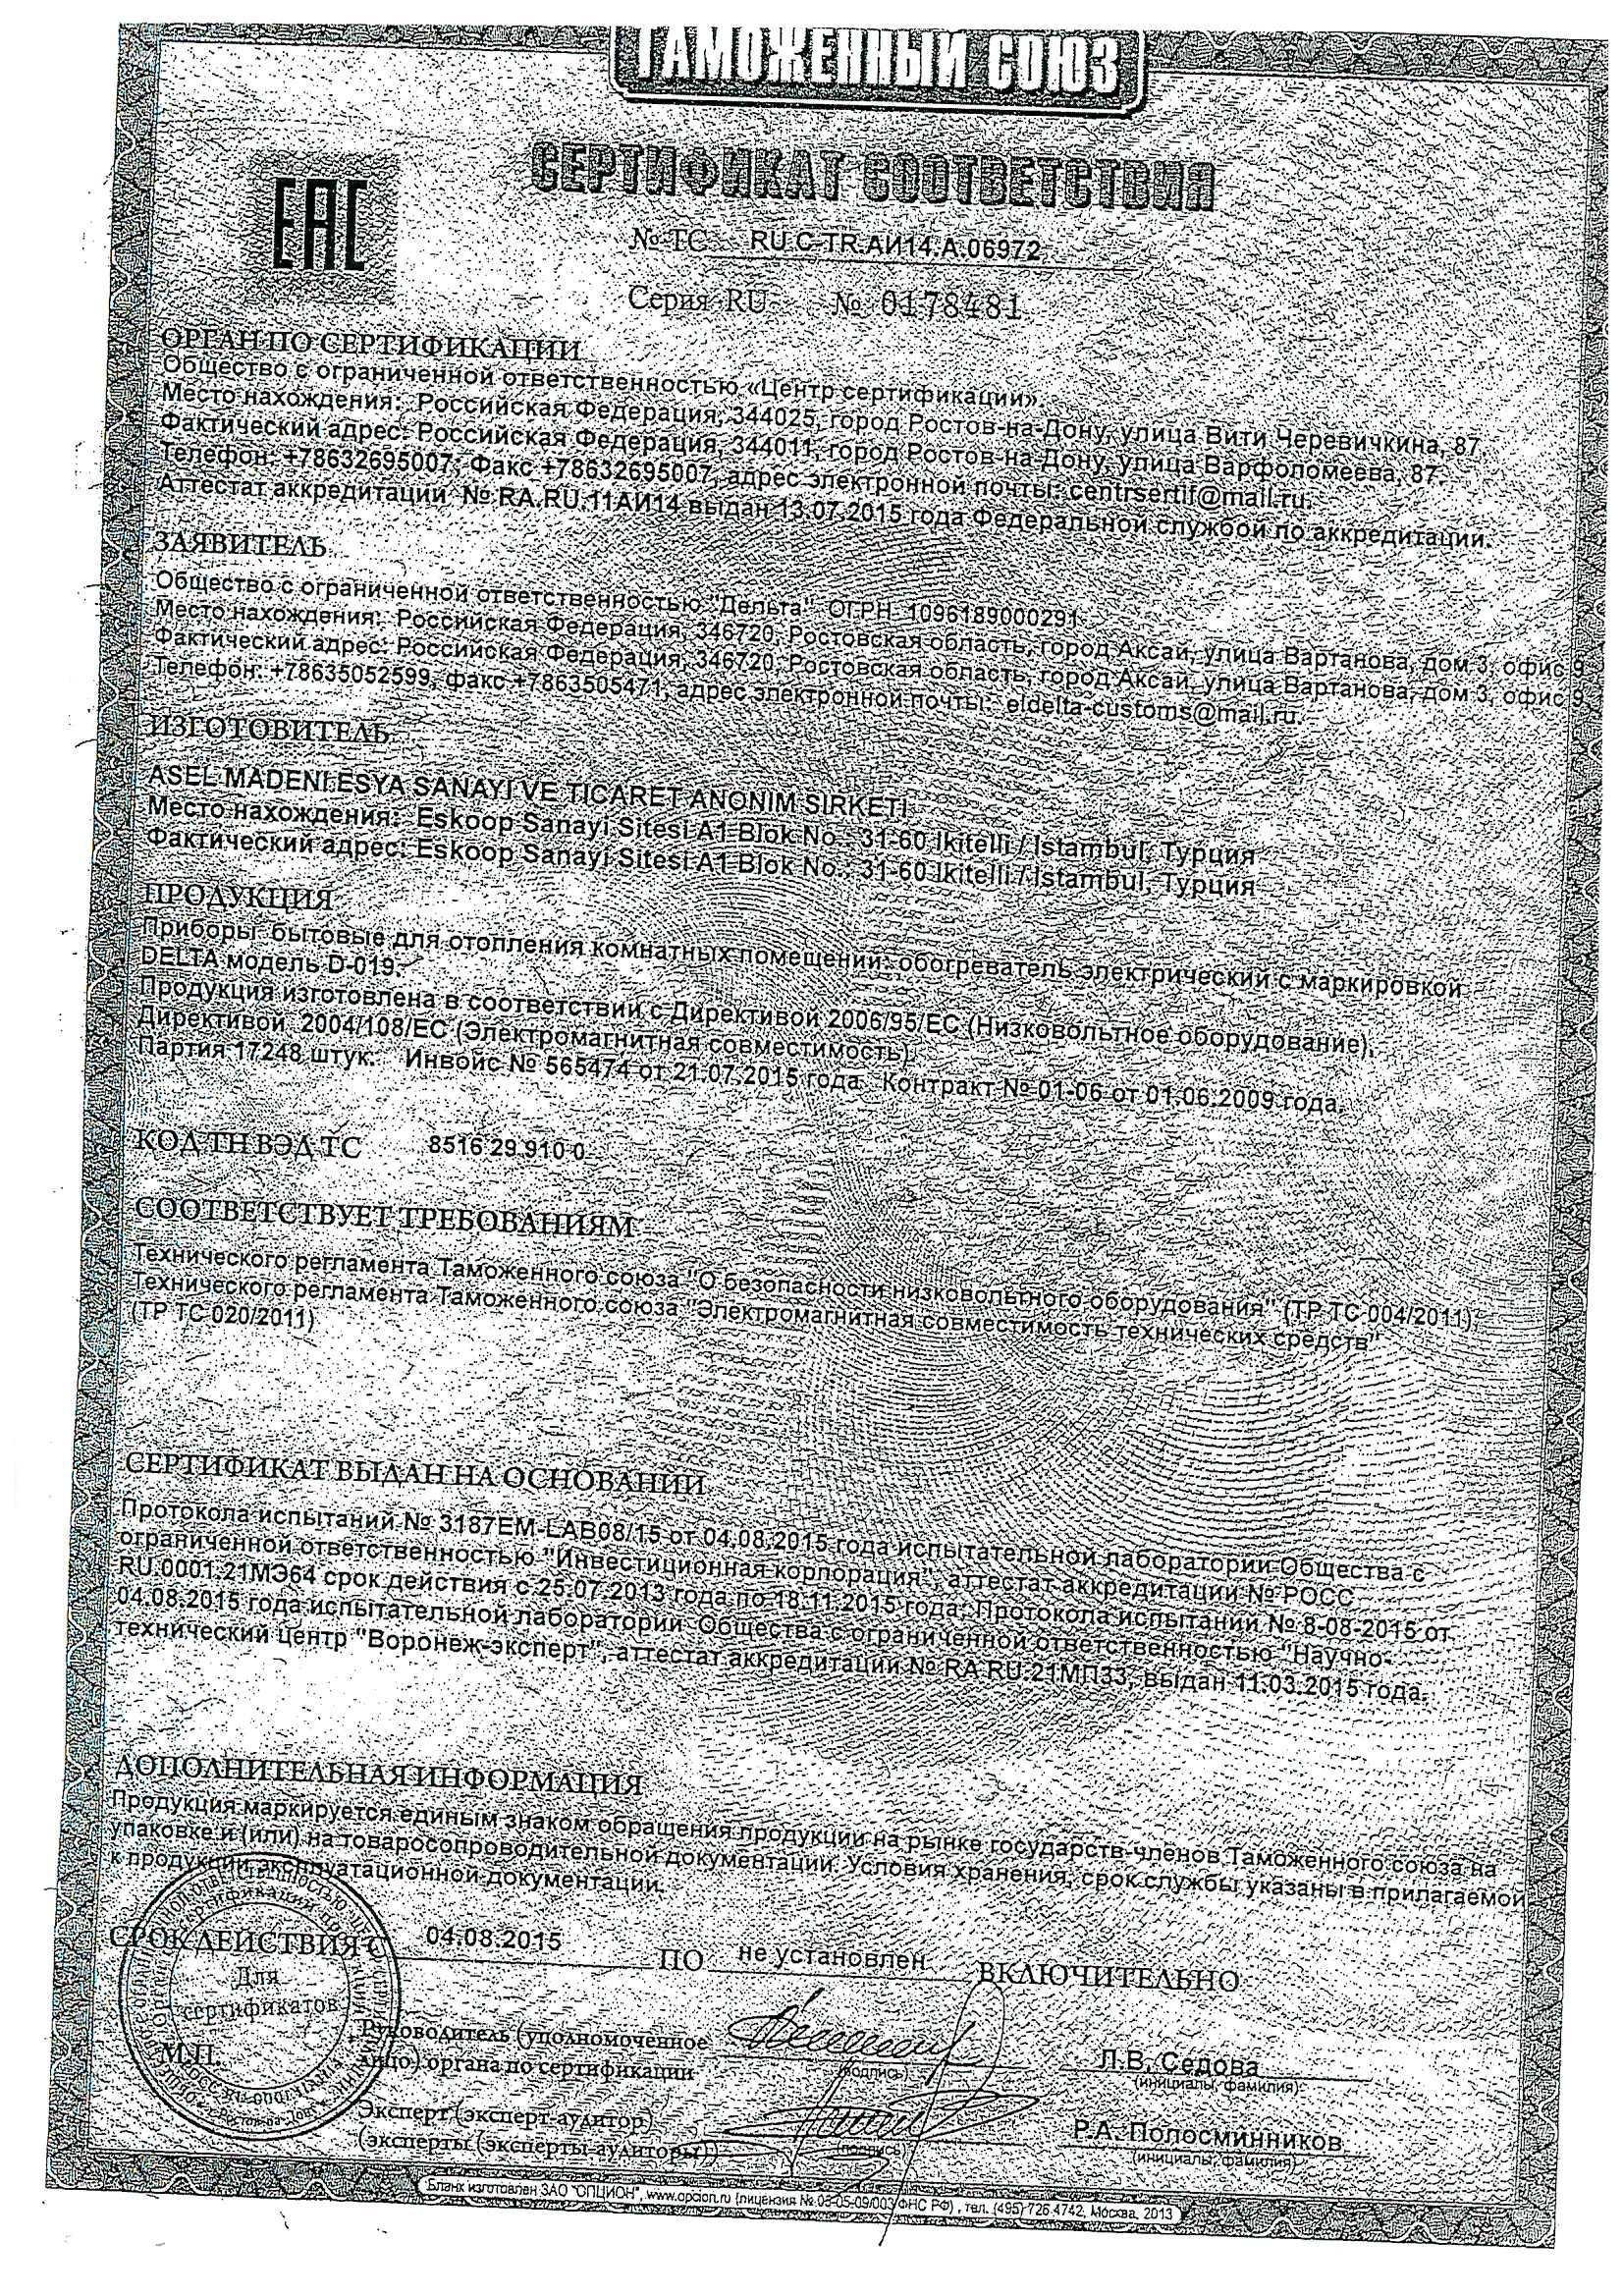 Сертификат соответствия на DELTA D-019